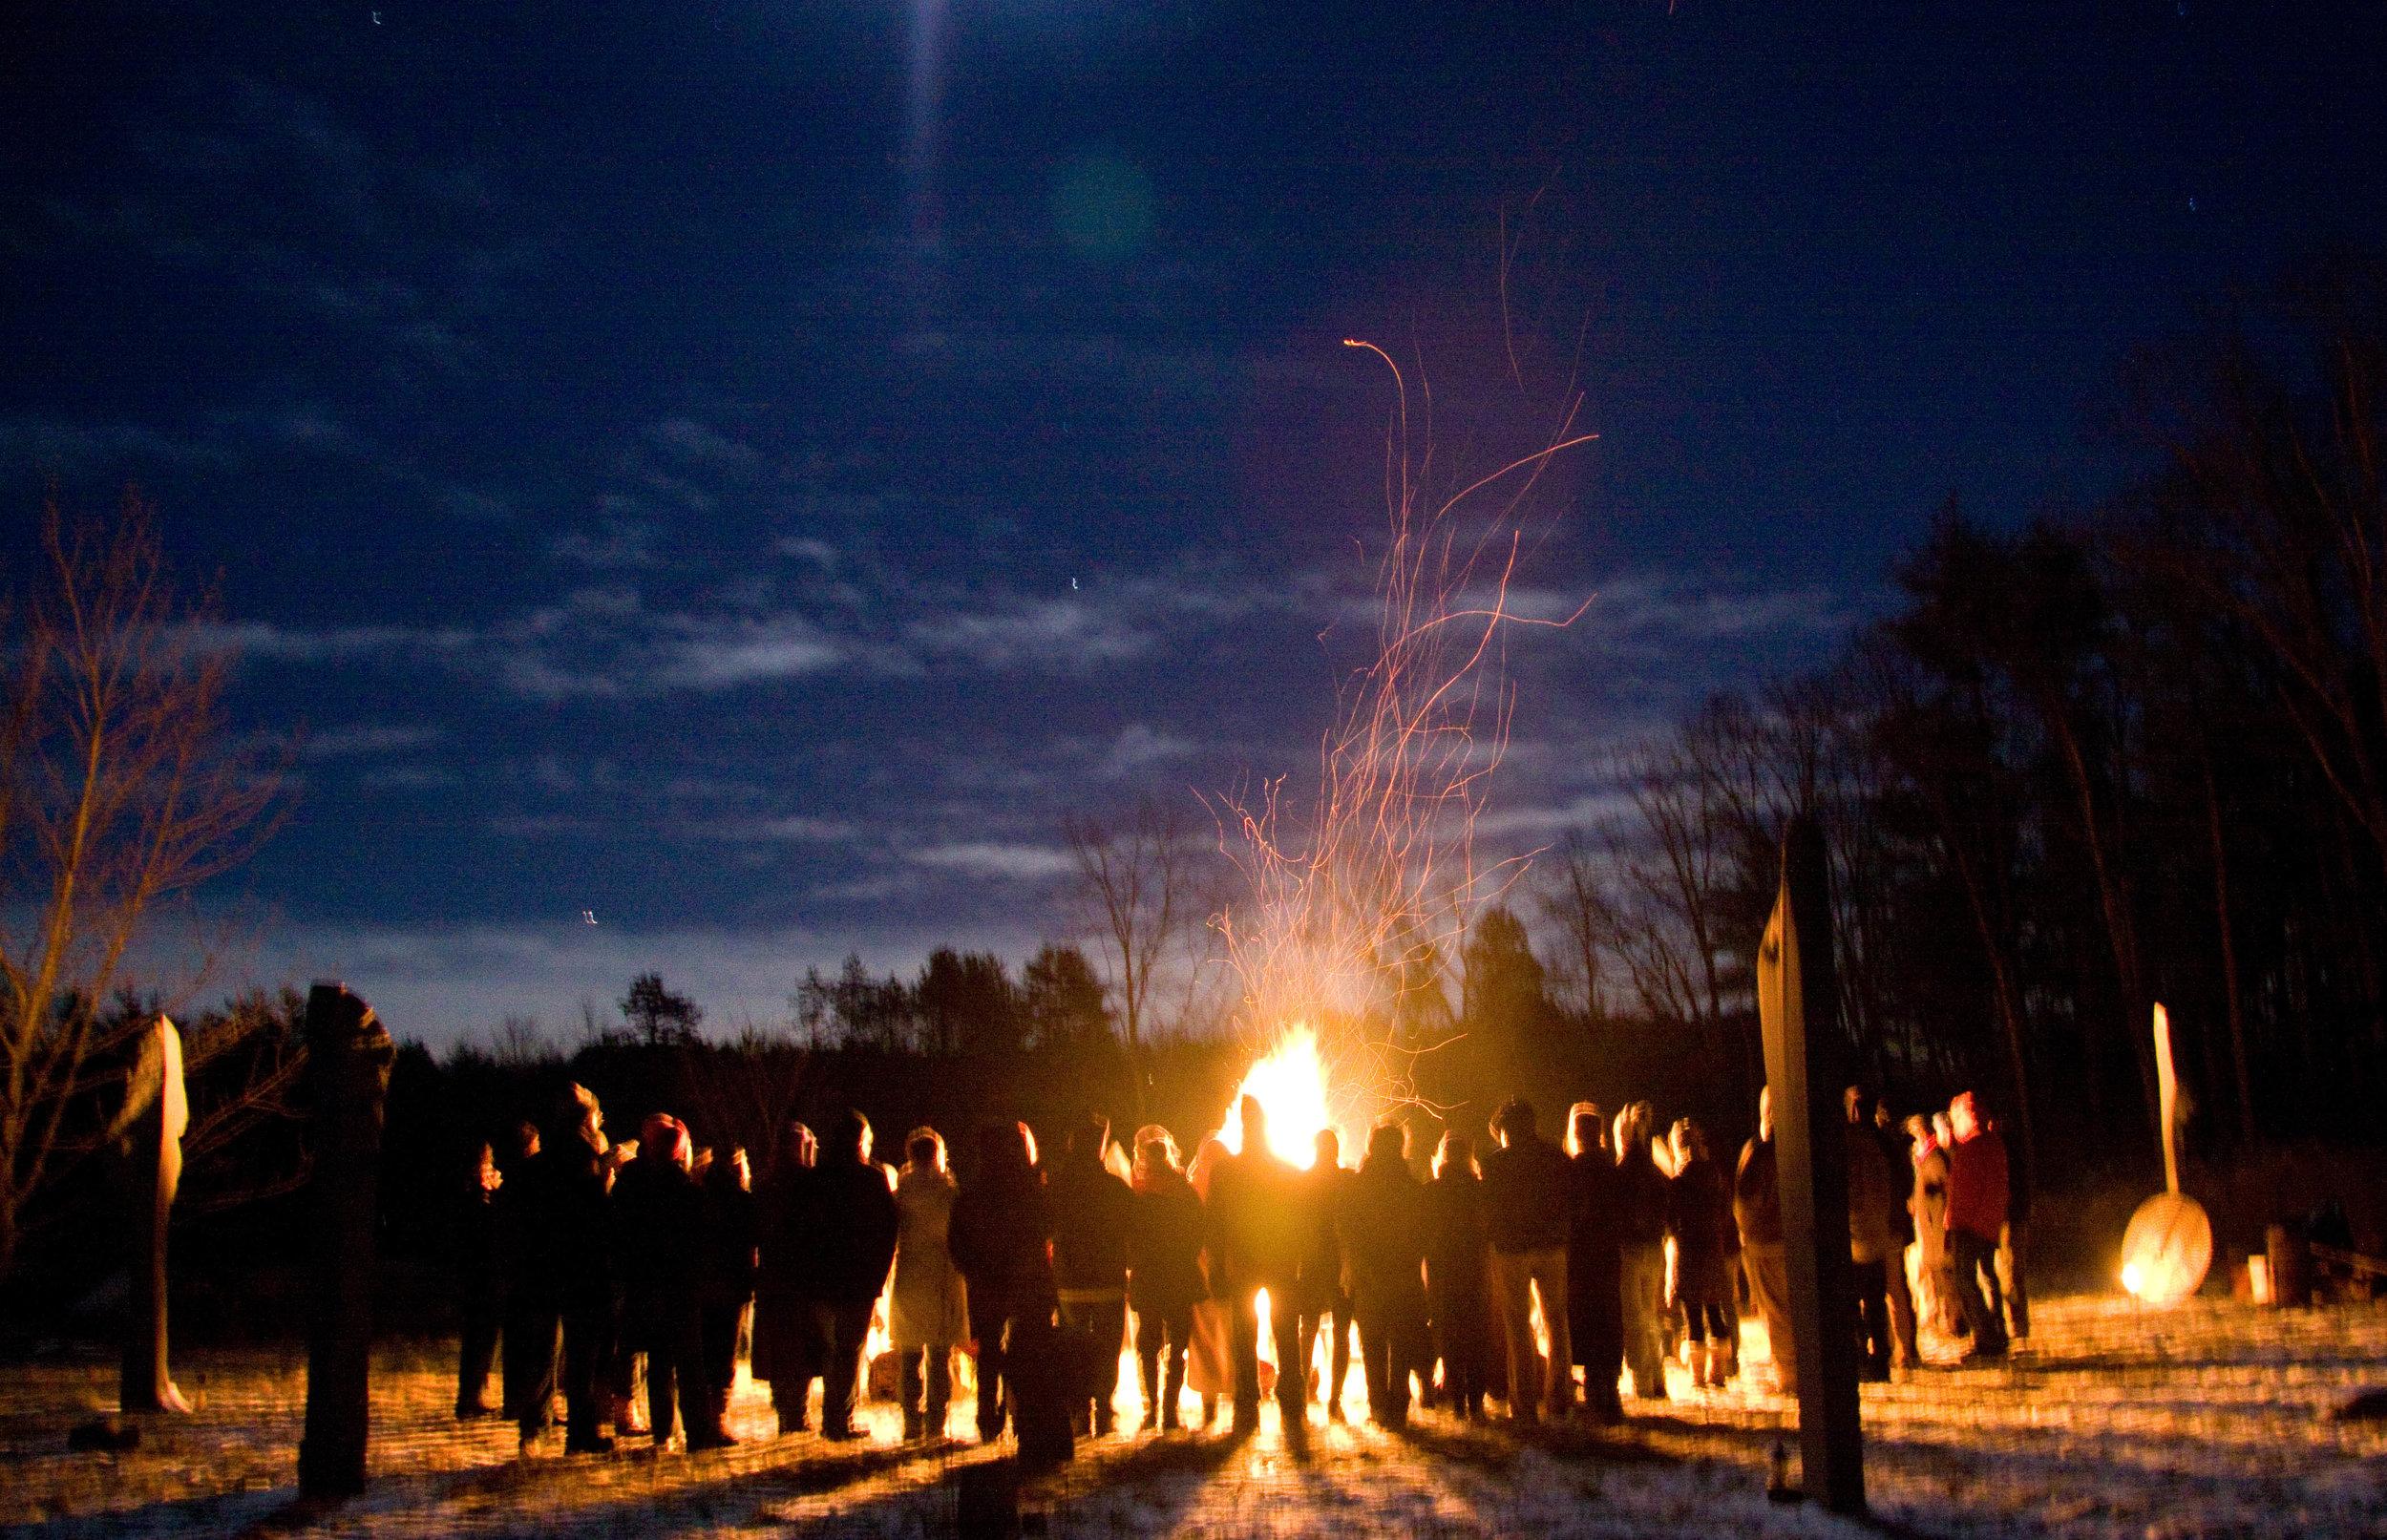 Solstice Celebration , Old Frog Pond Farm, 2014